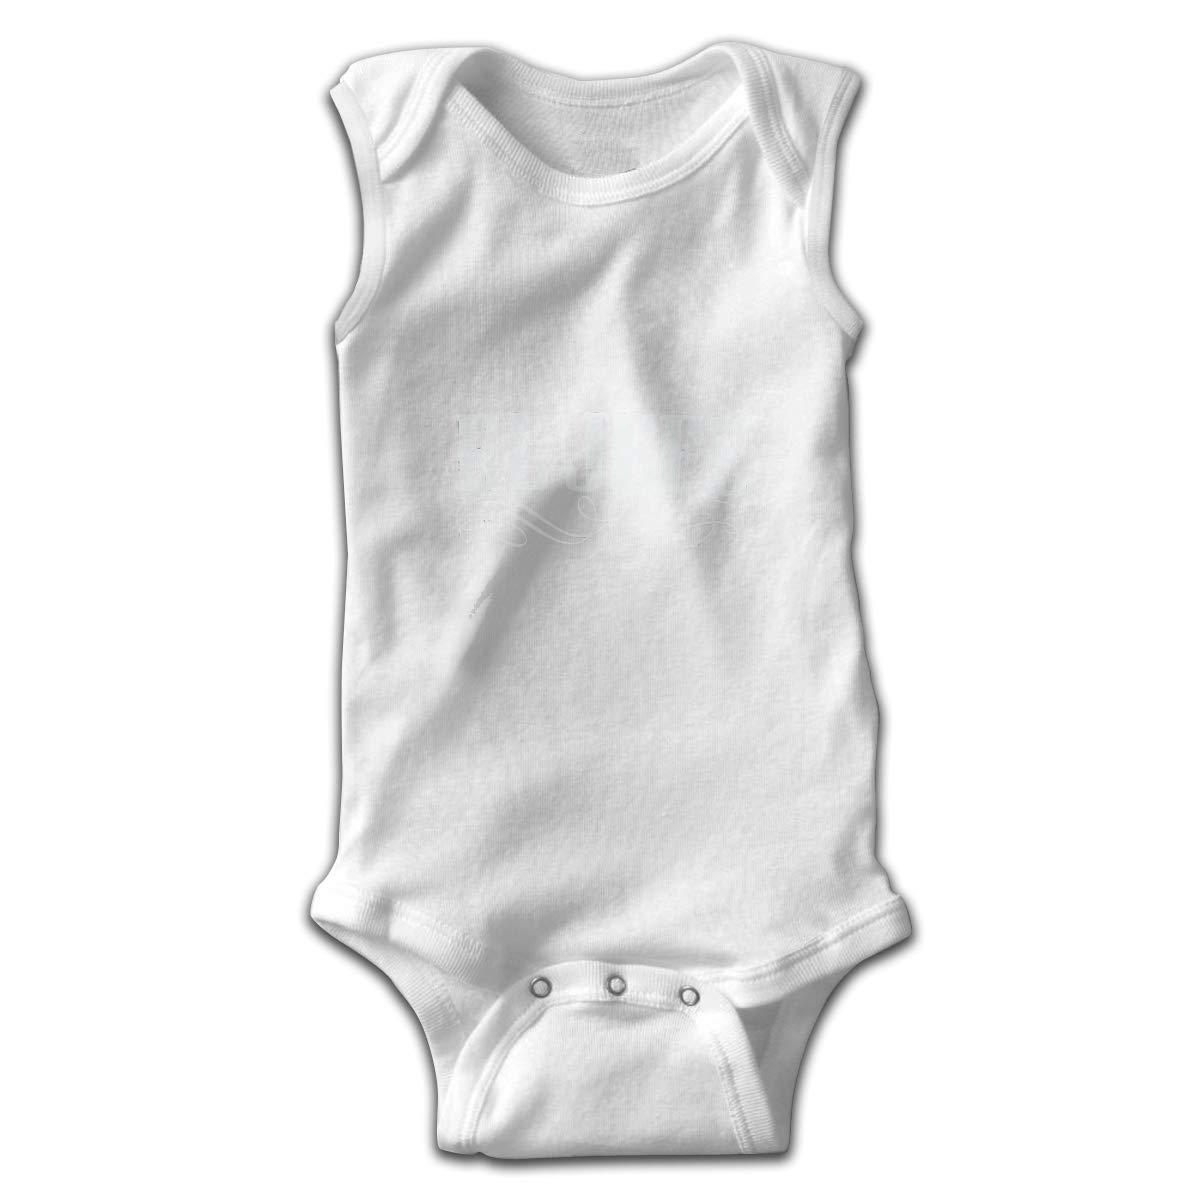 El Jefe Smalls Baby Onesie,Infant Bodysuit Black